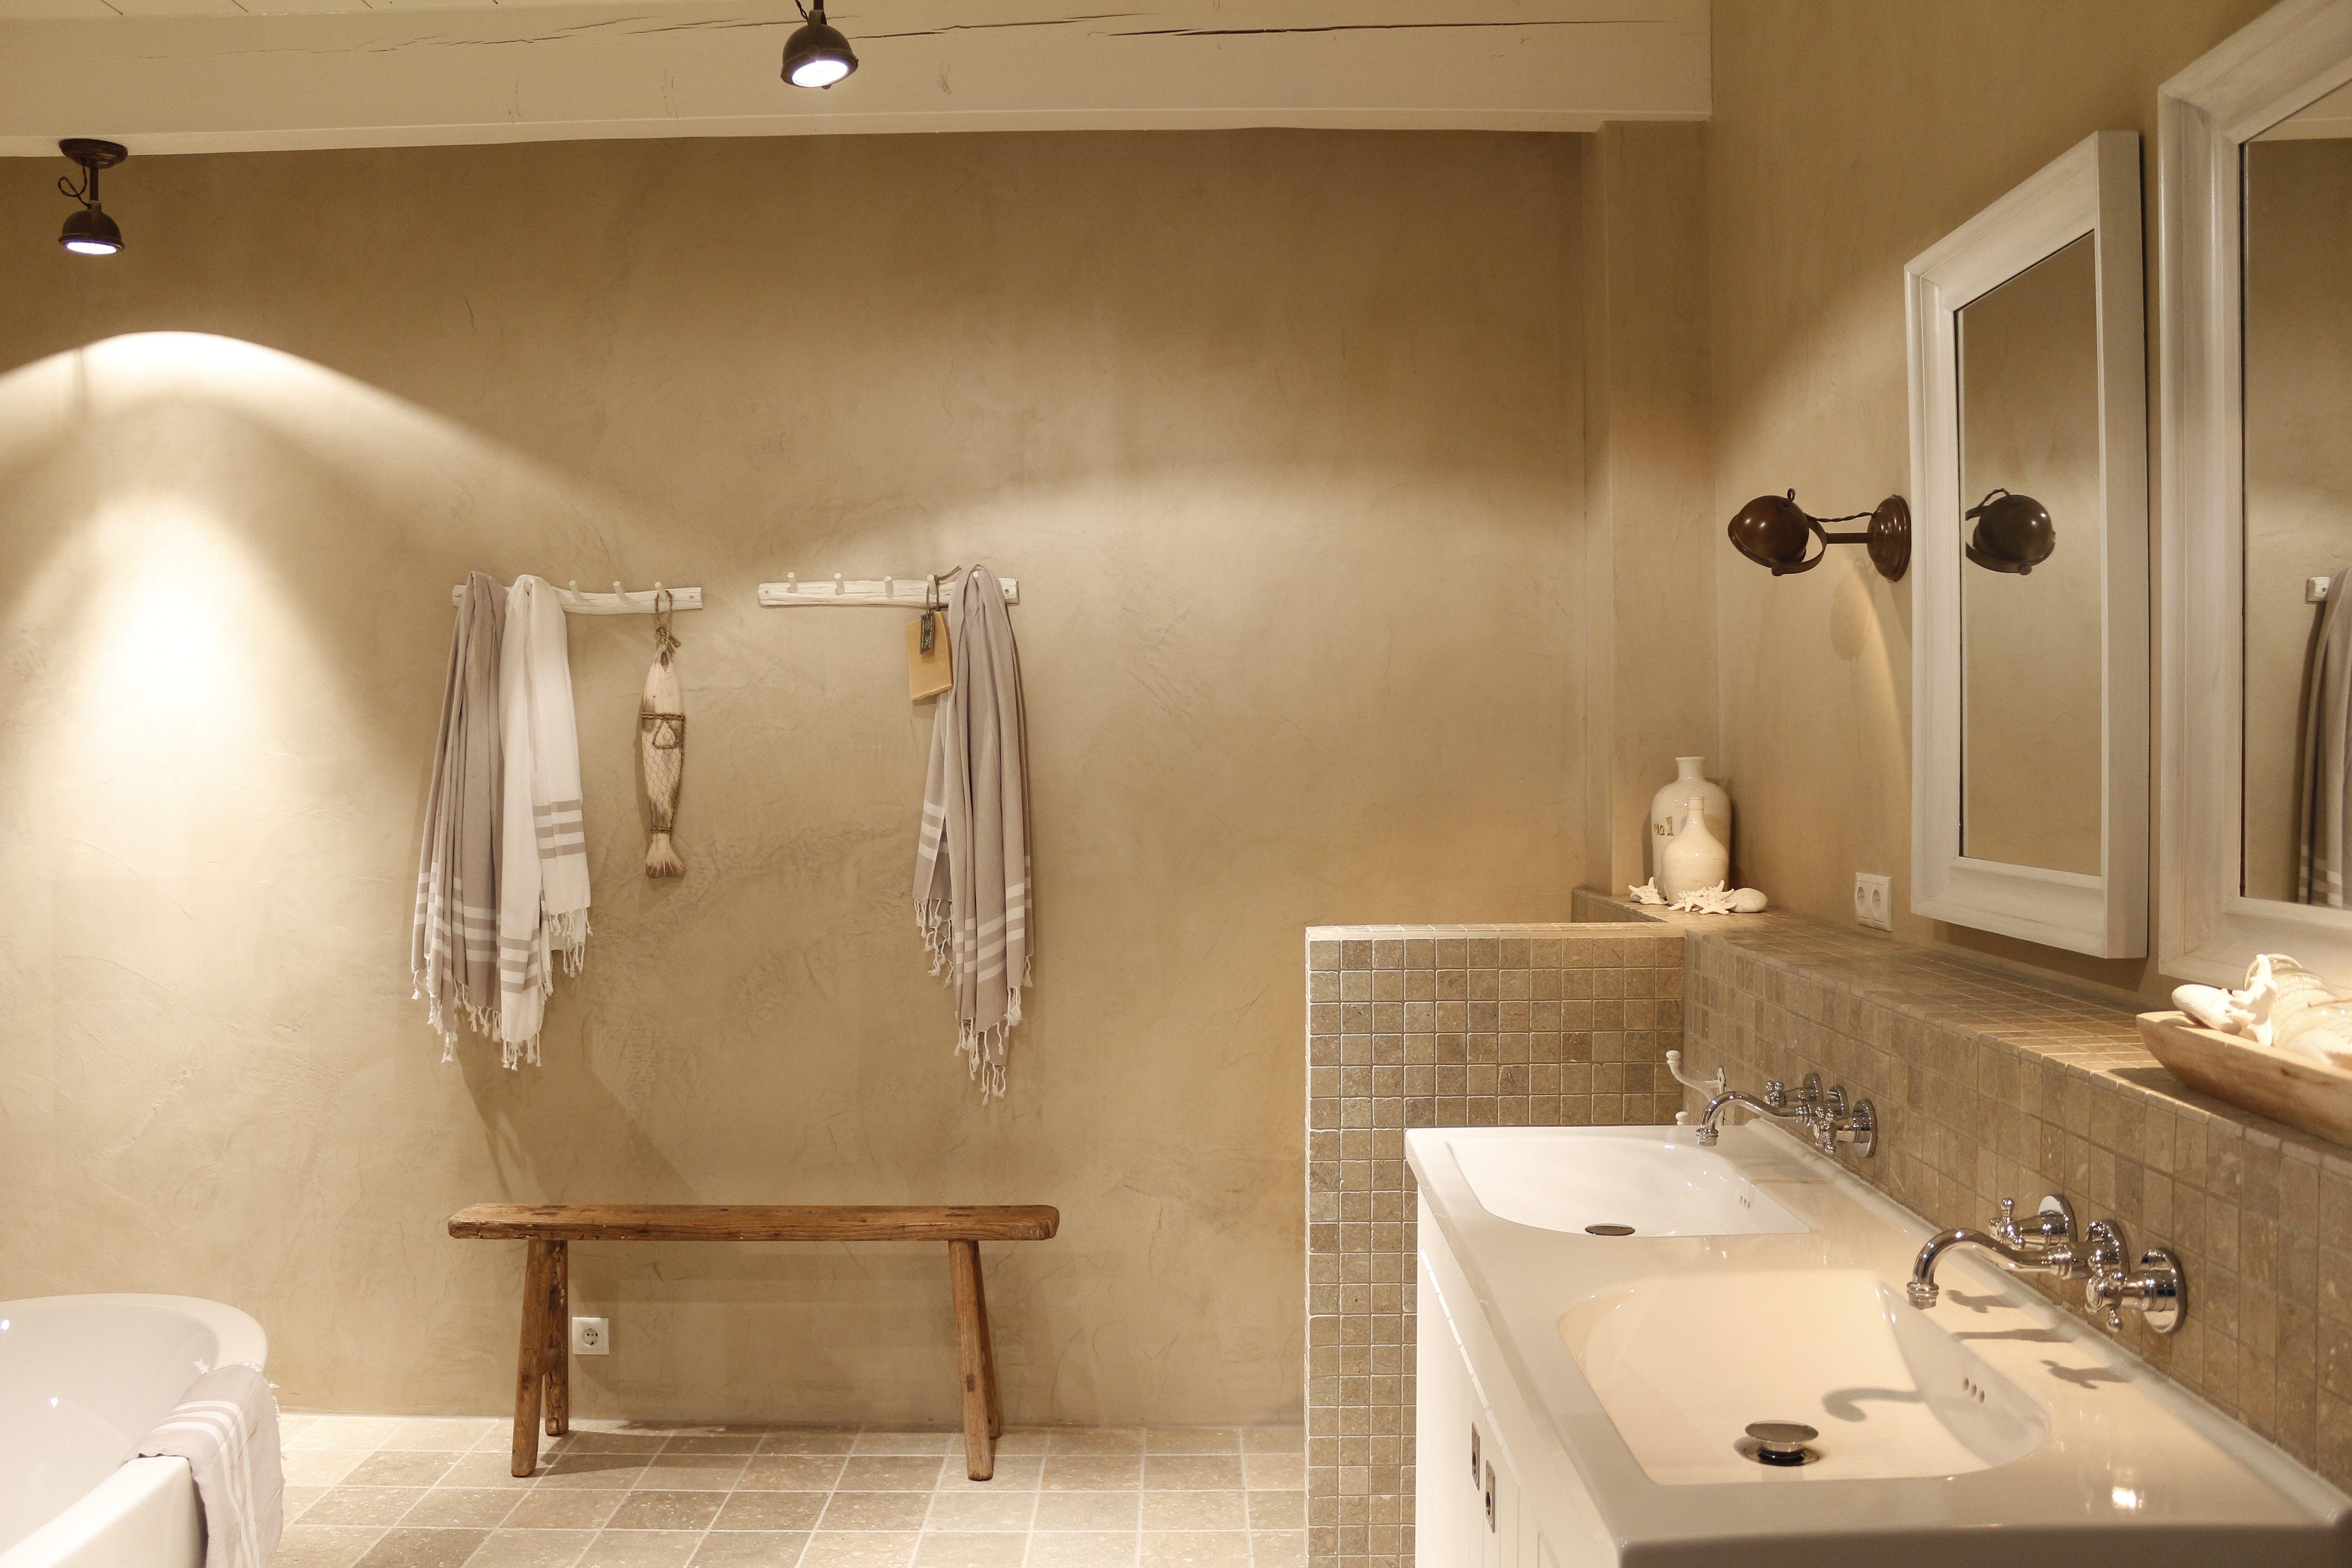 Ontwerp van badkamer indeling en materiaal keuze door Vive la maison ...